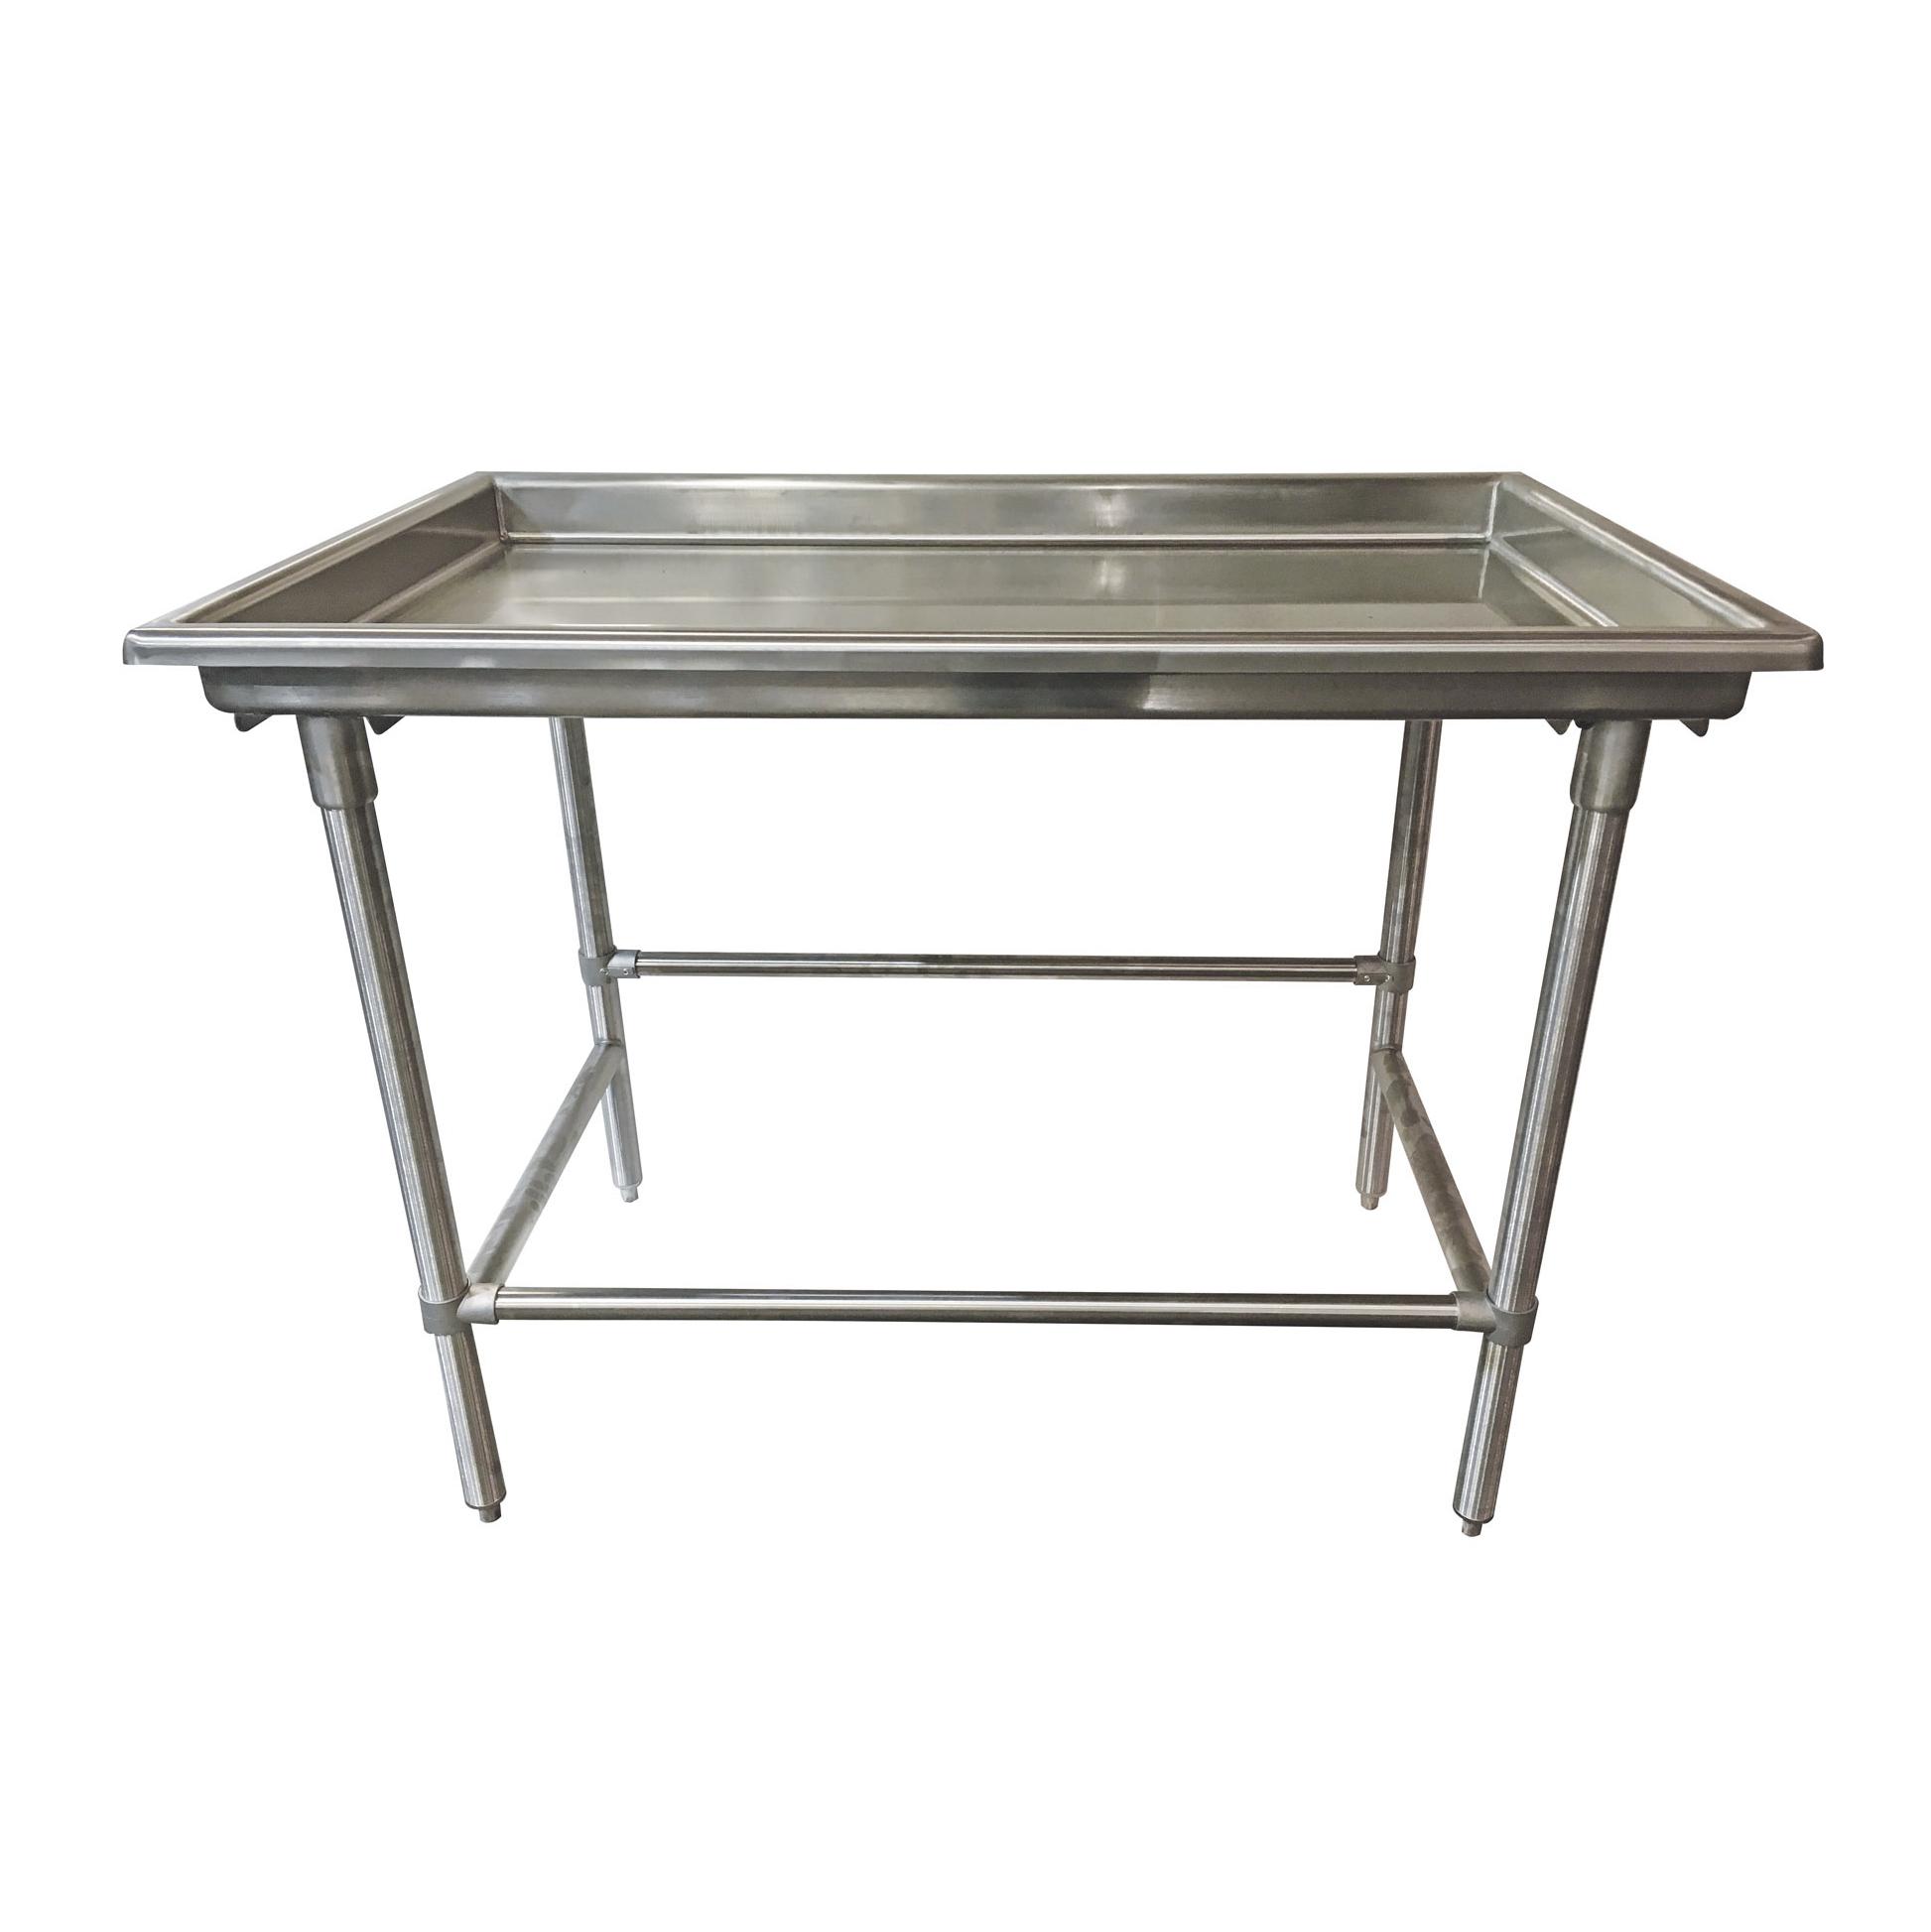 Advance Tabco SR-72 dishtable sorting table